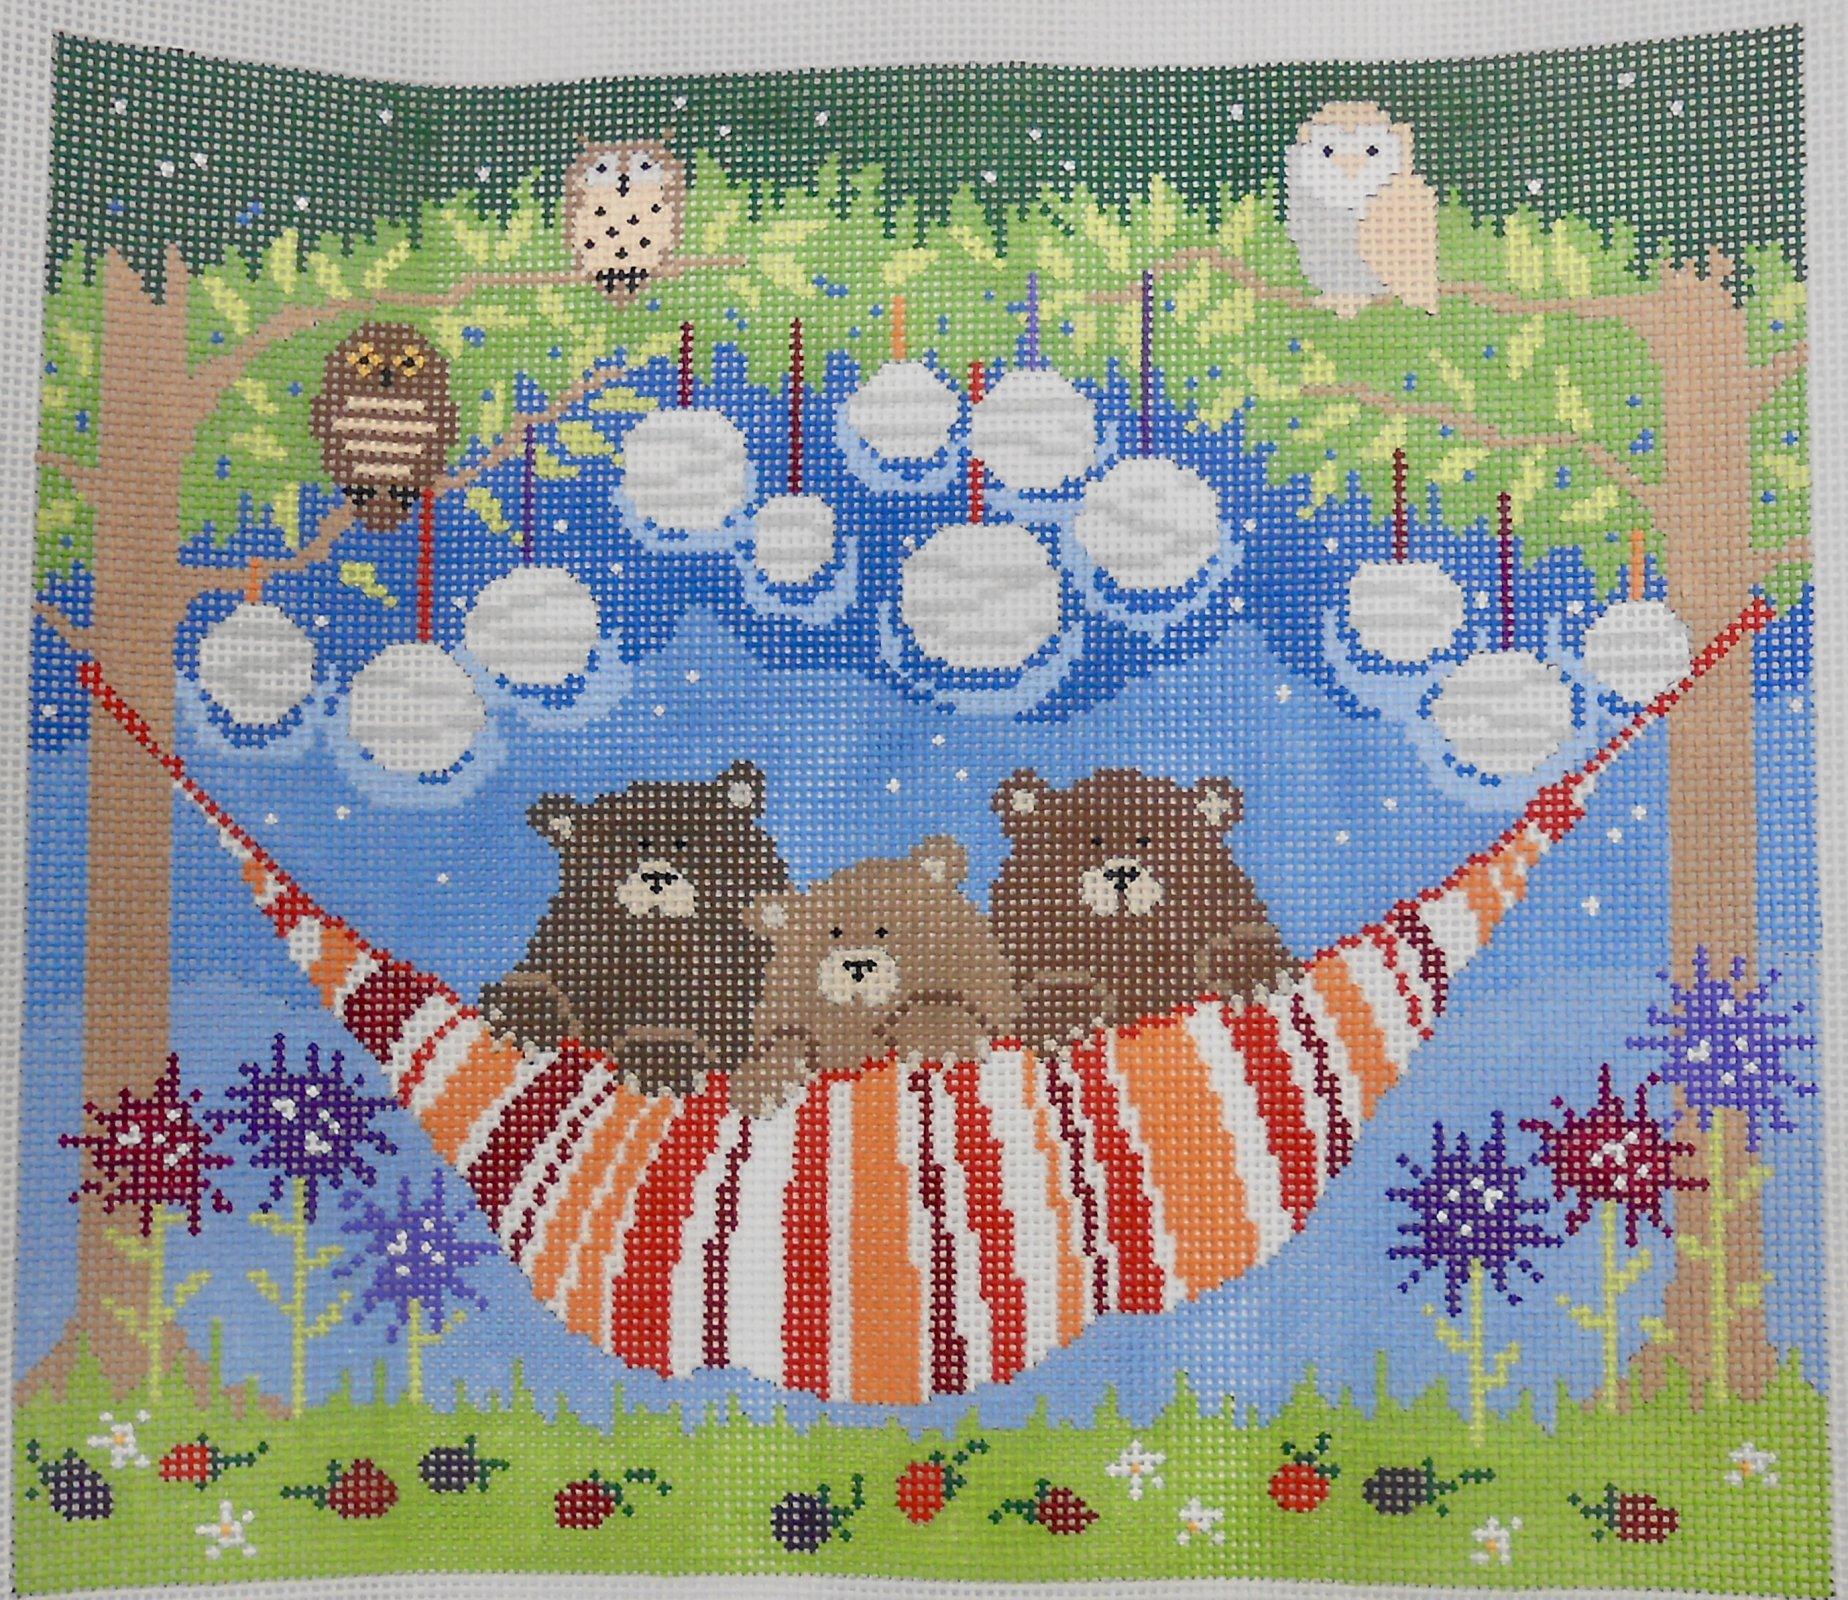 3 Bears in a Hammock